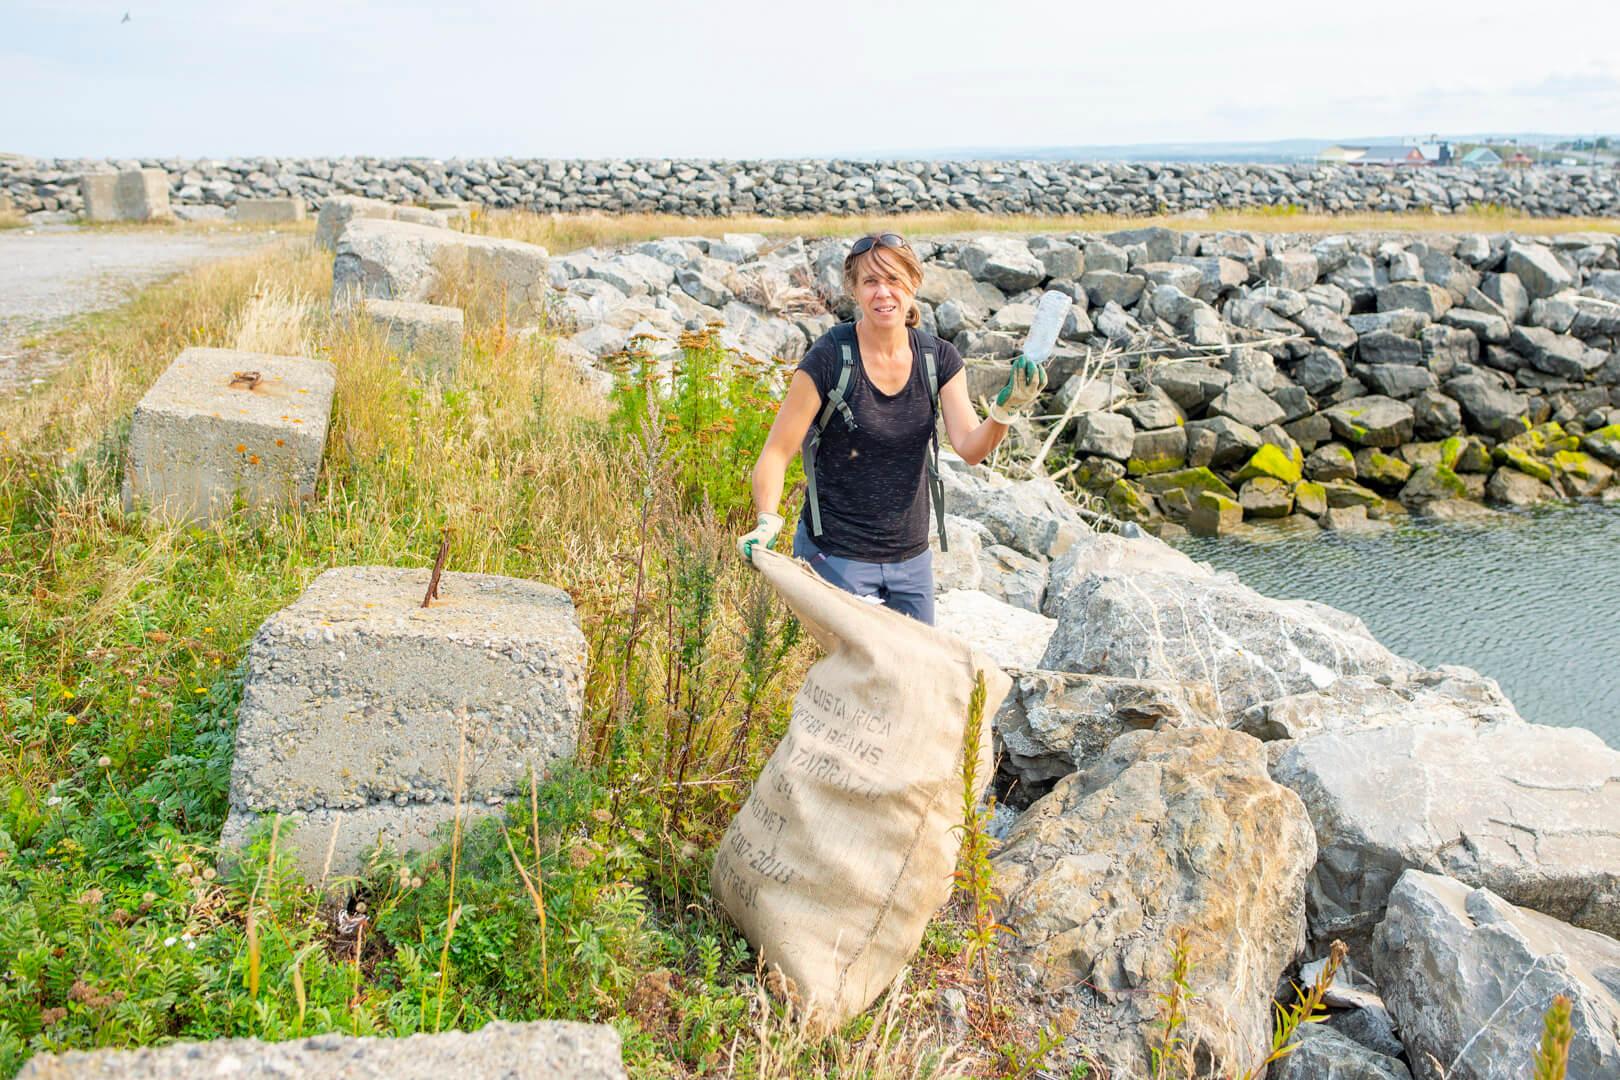 Ramassage déchets Matane Mission 100 tonnes Nettoyons la planète en un jour environnement